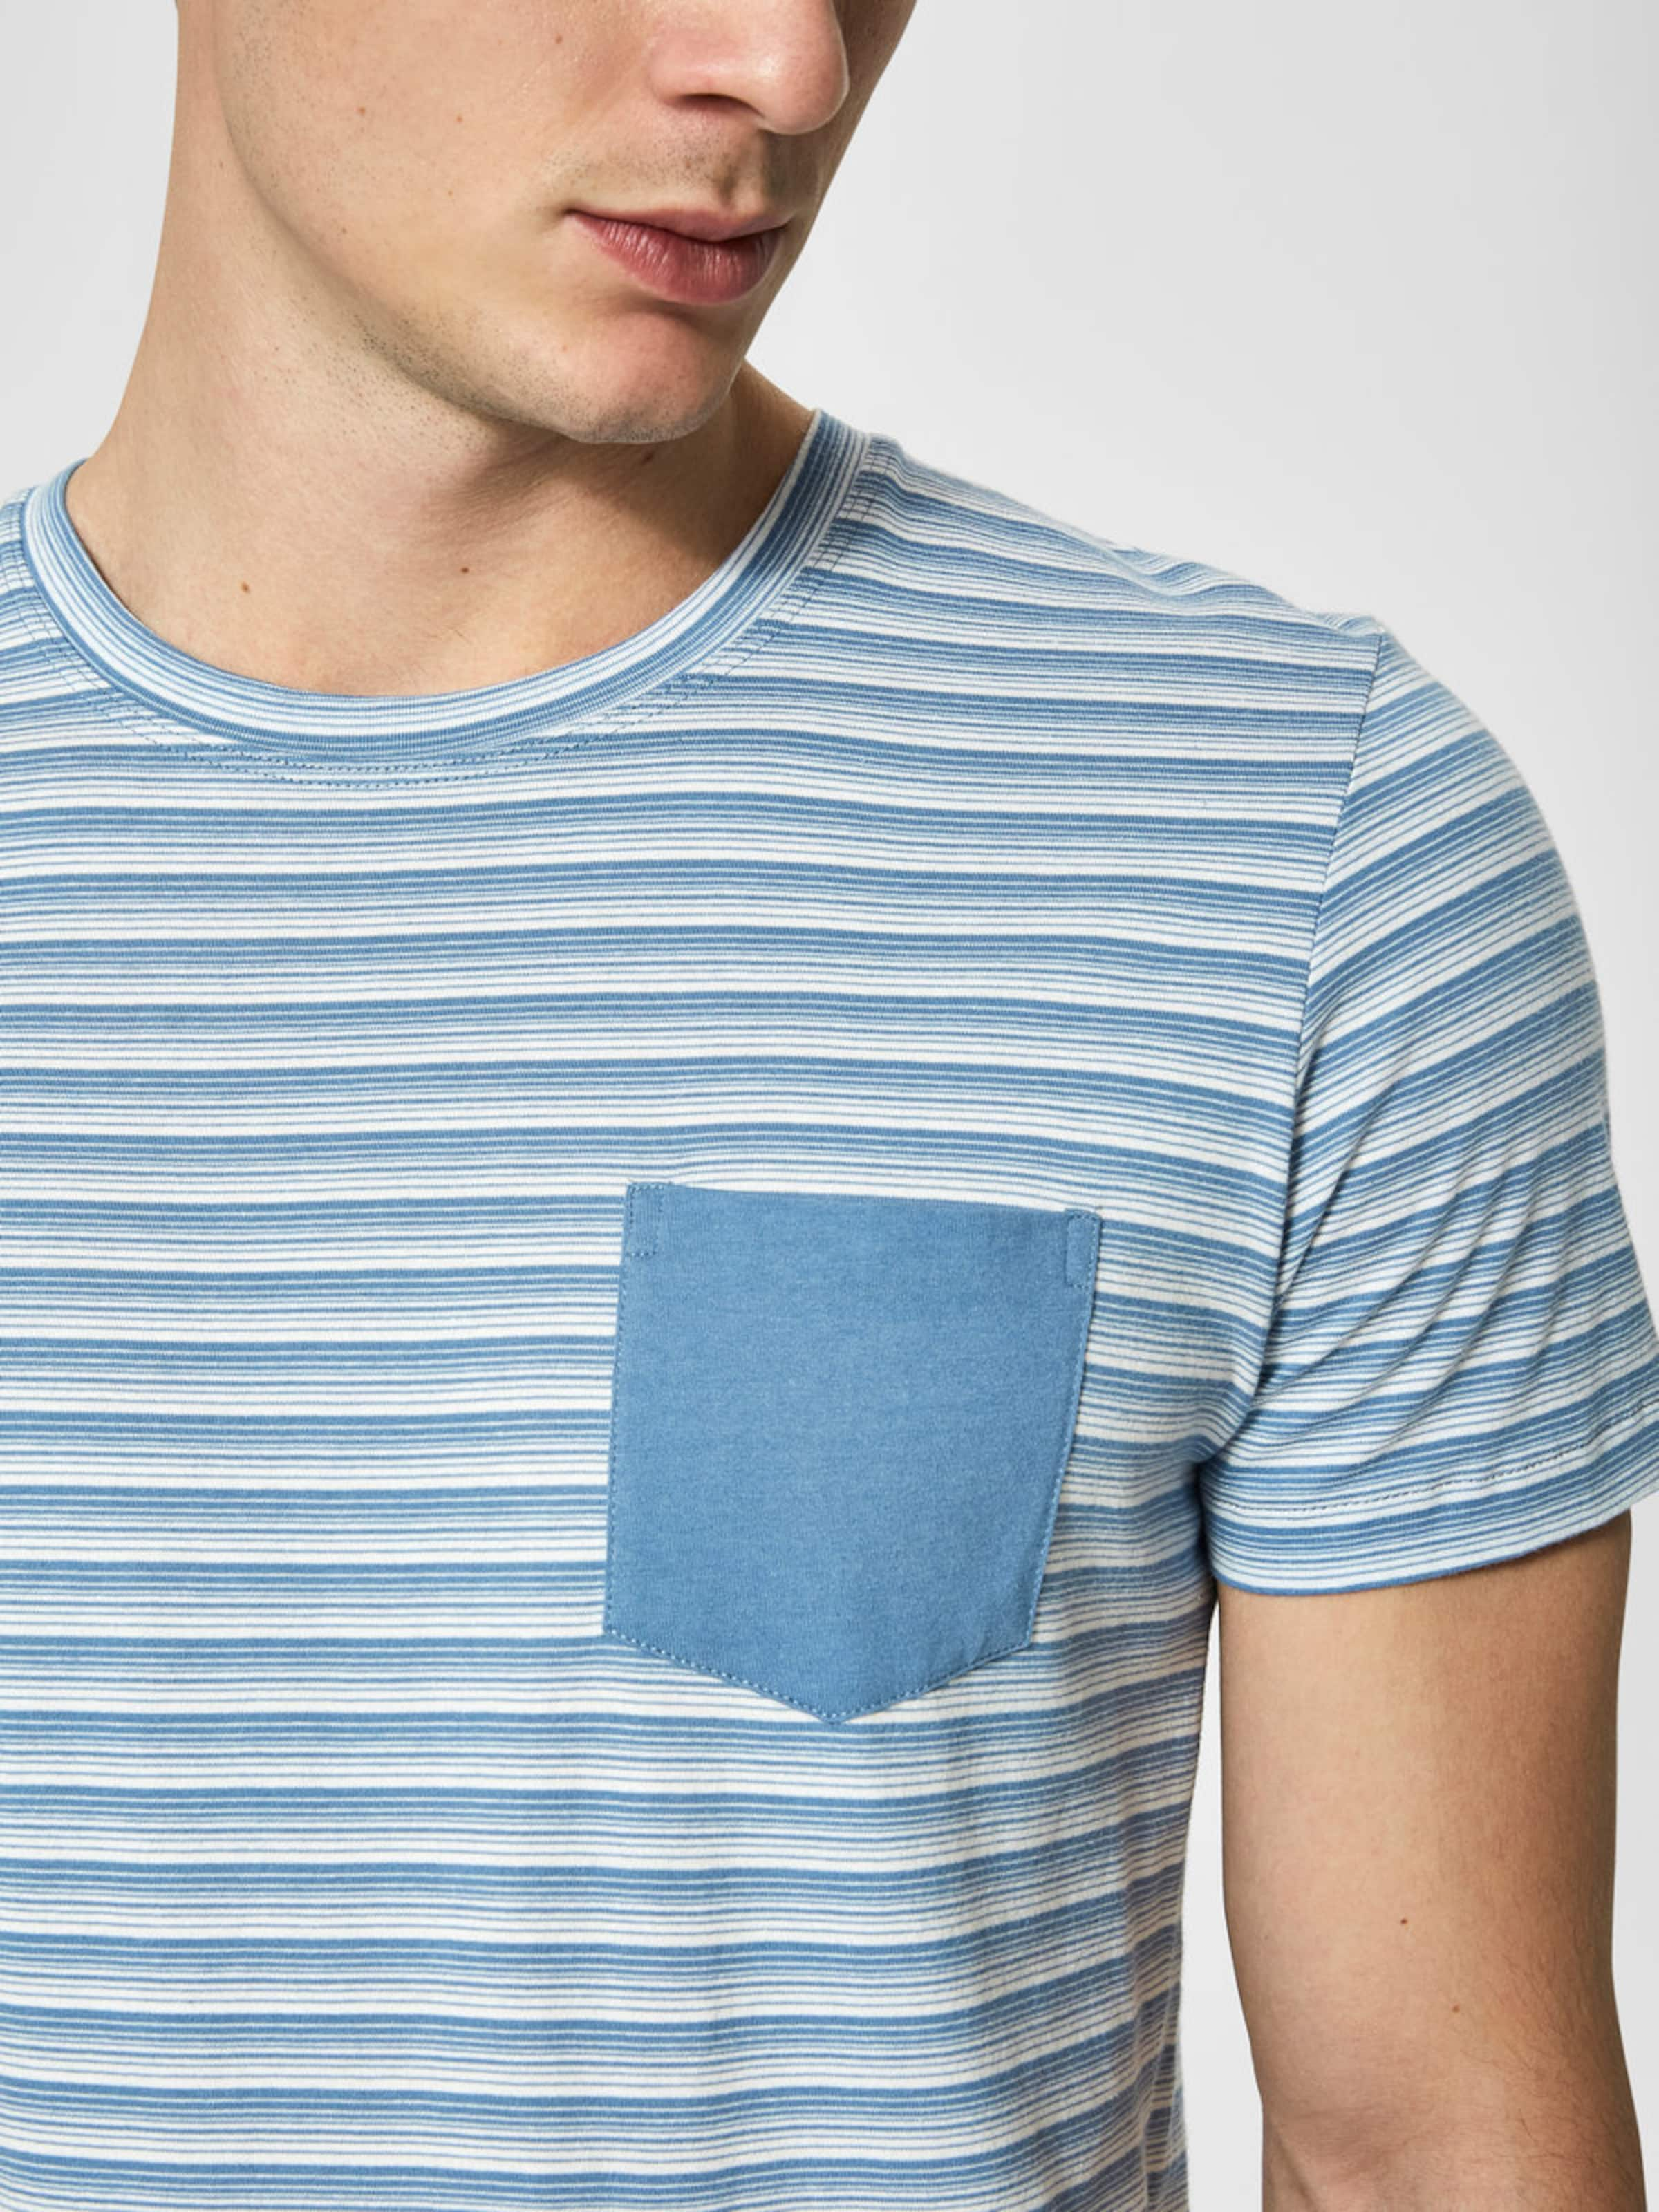 Spielraum Lohn Mit Paypal SELECTED HOMME Rundhalsausschnitt T-Shirt Günstig Kaufen Manchester Aussicht 1O9Pn